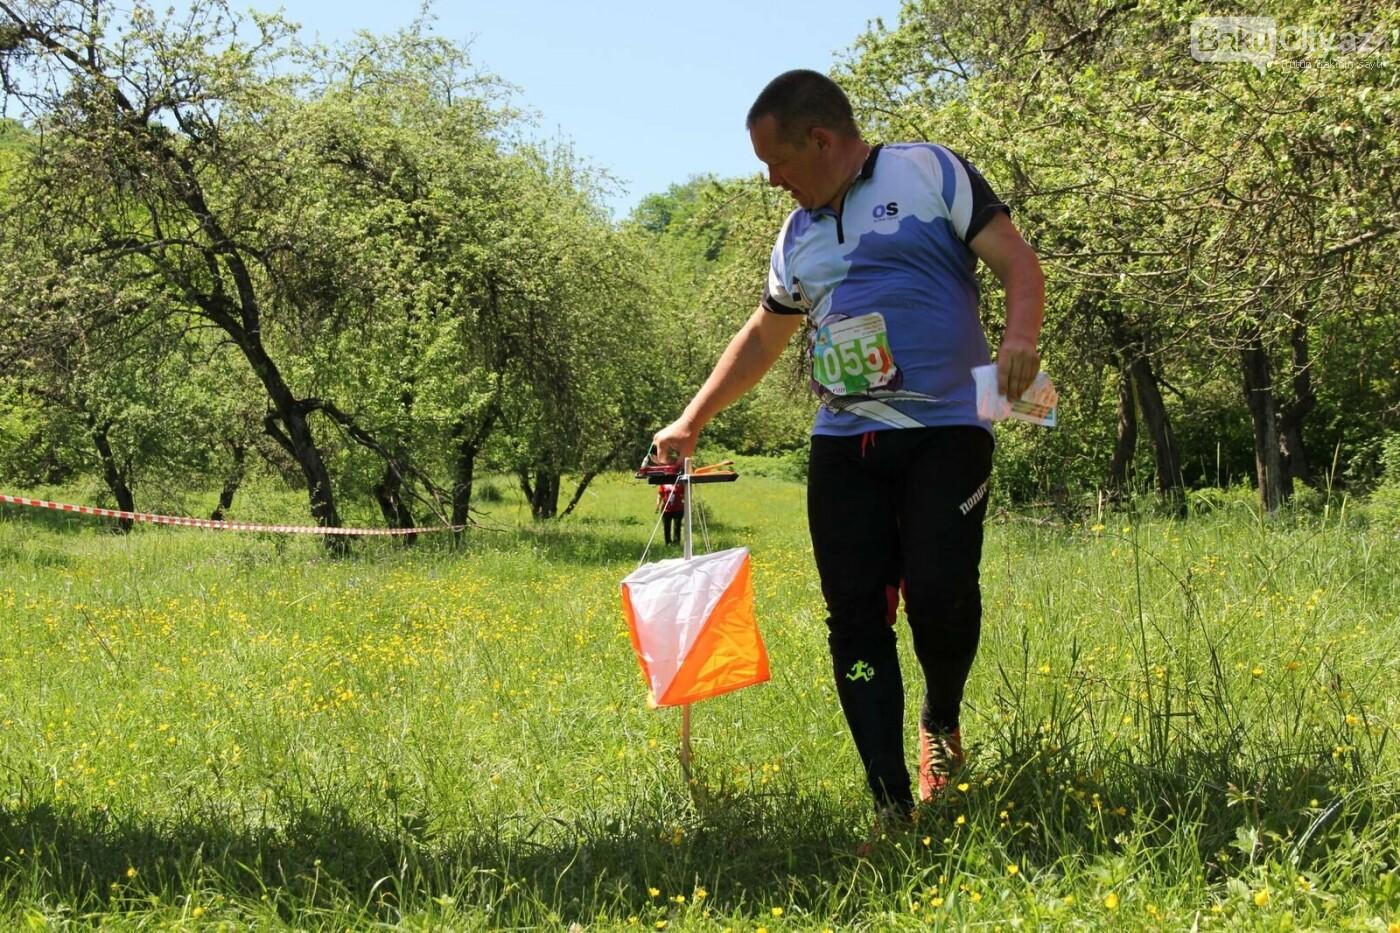 Bakıda Səmti müəyyənetmə üzrə Beynəlxalq yarış keçirilib - FOTO, fotoşəkil-10